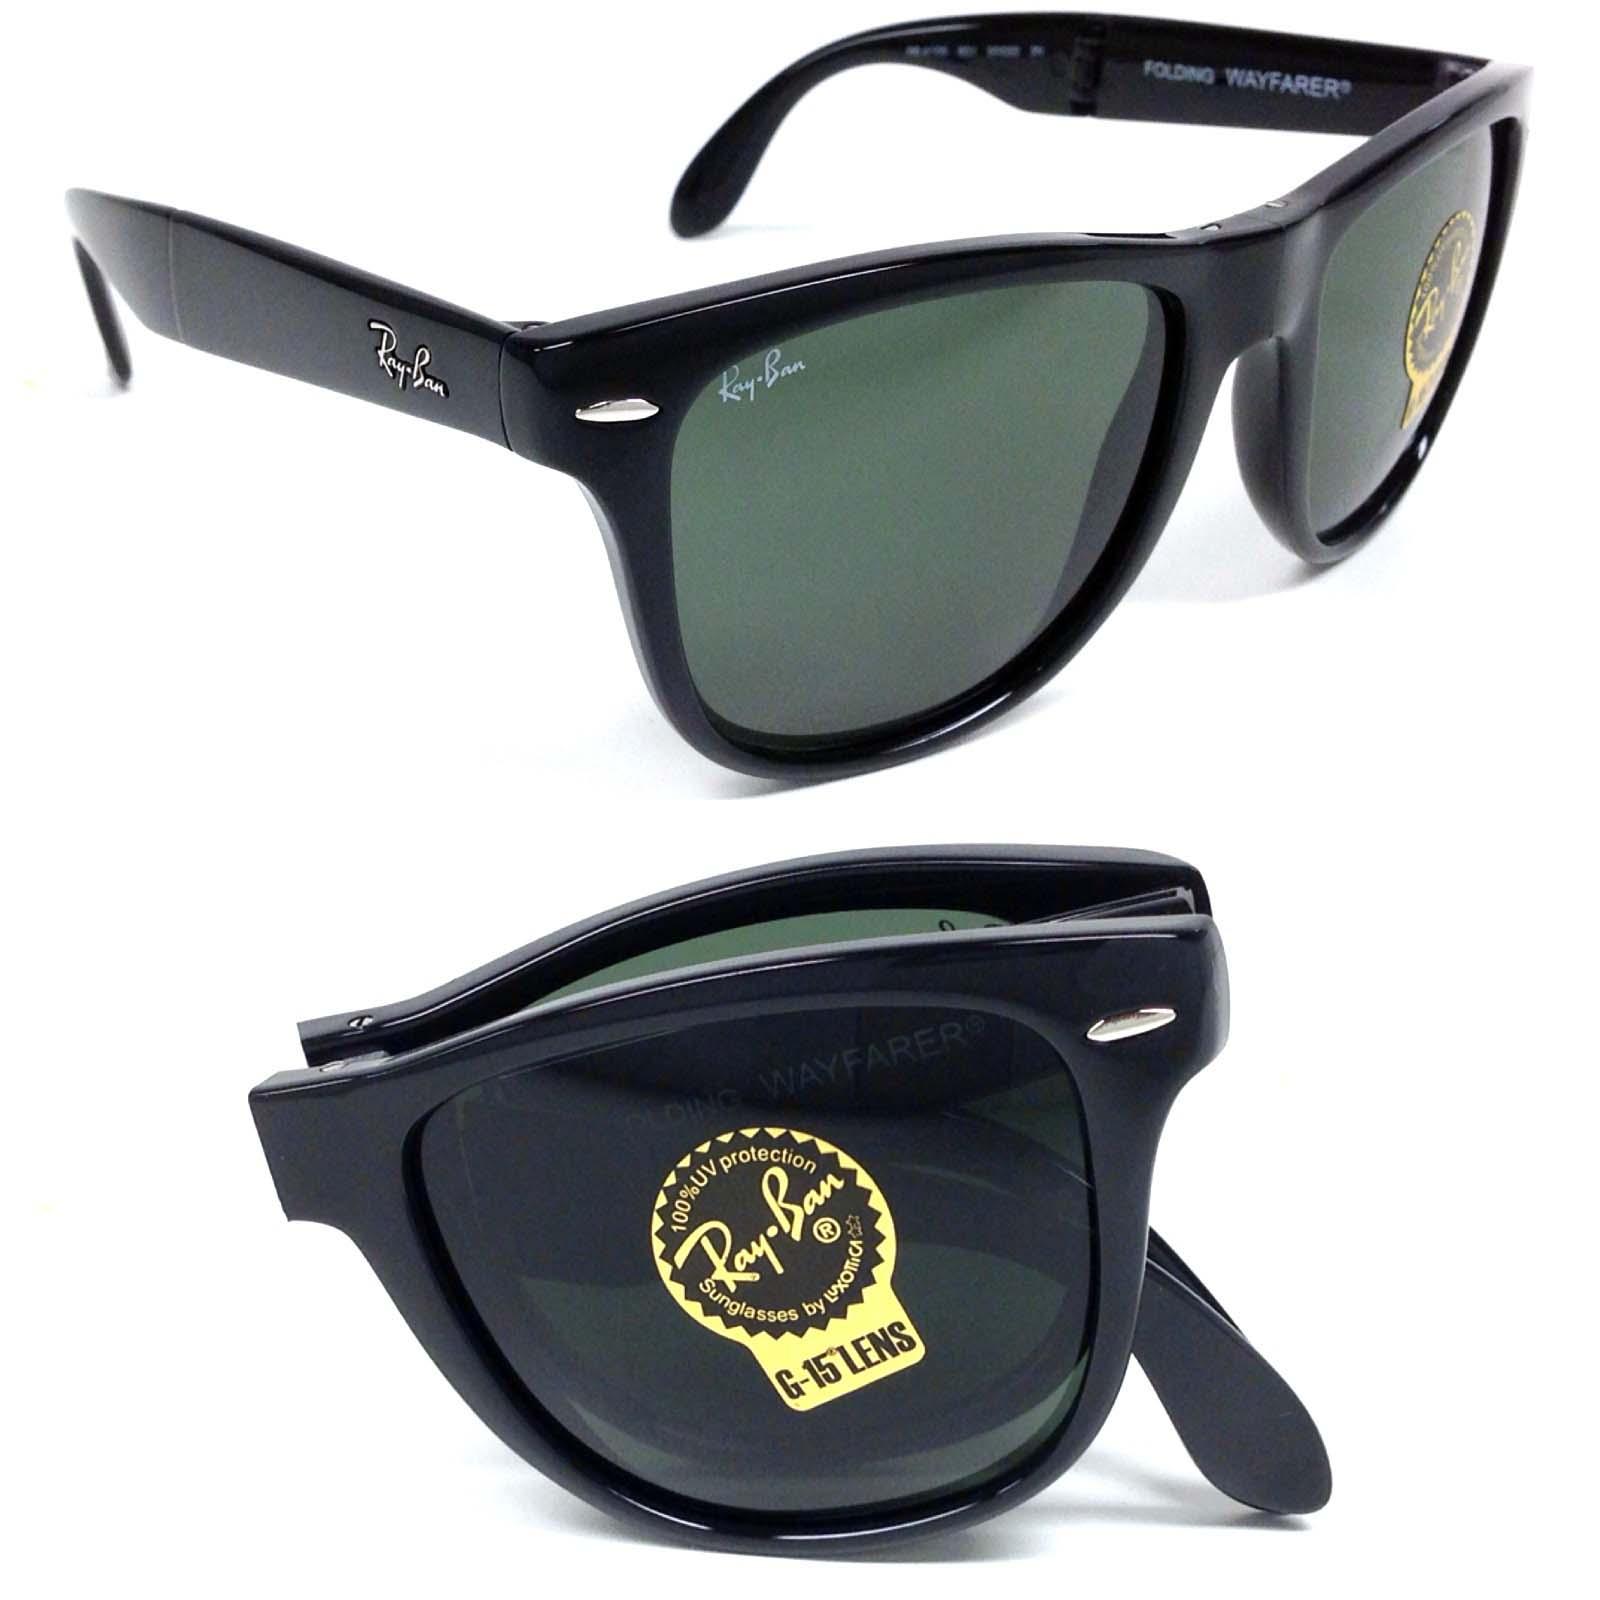 雷朋RB4105 601/58折疊偏光眼鏡特價4780